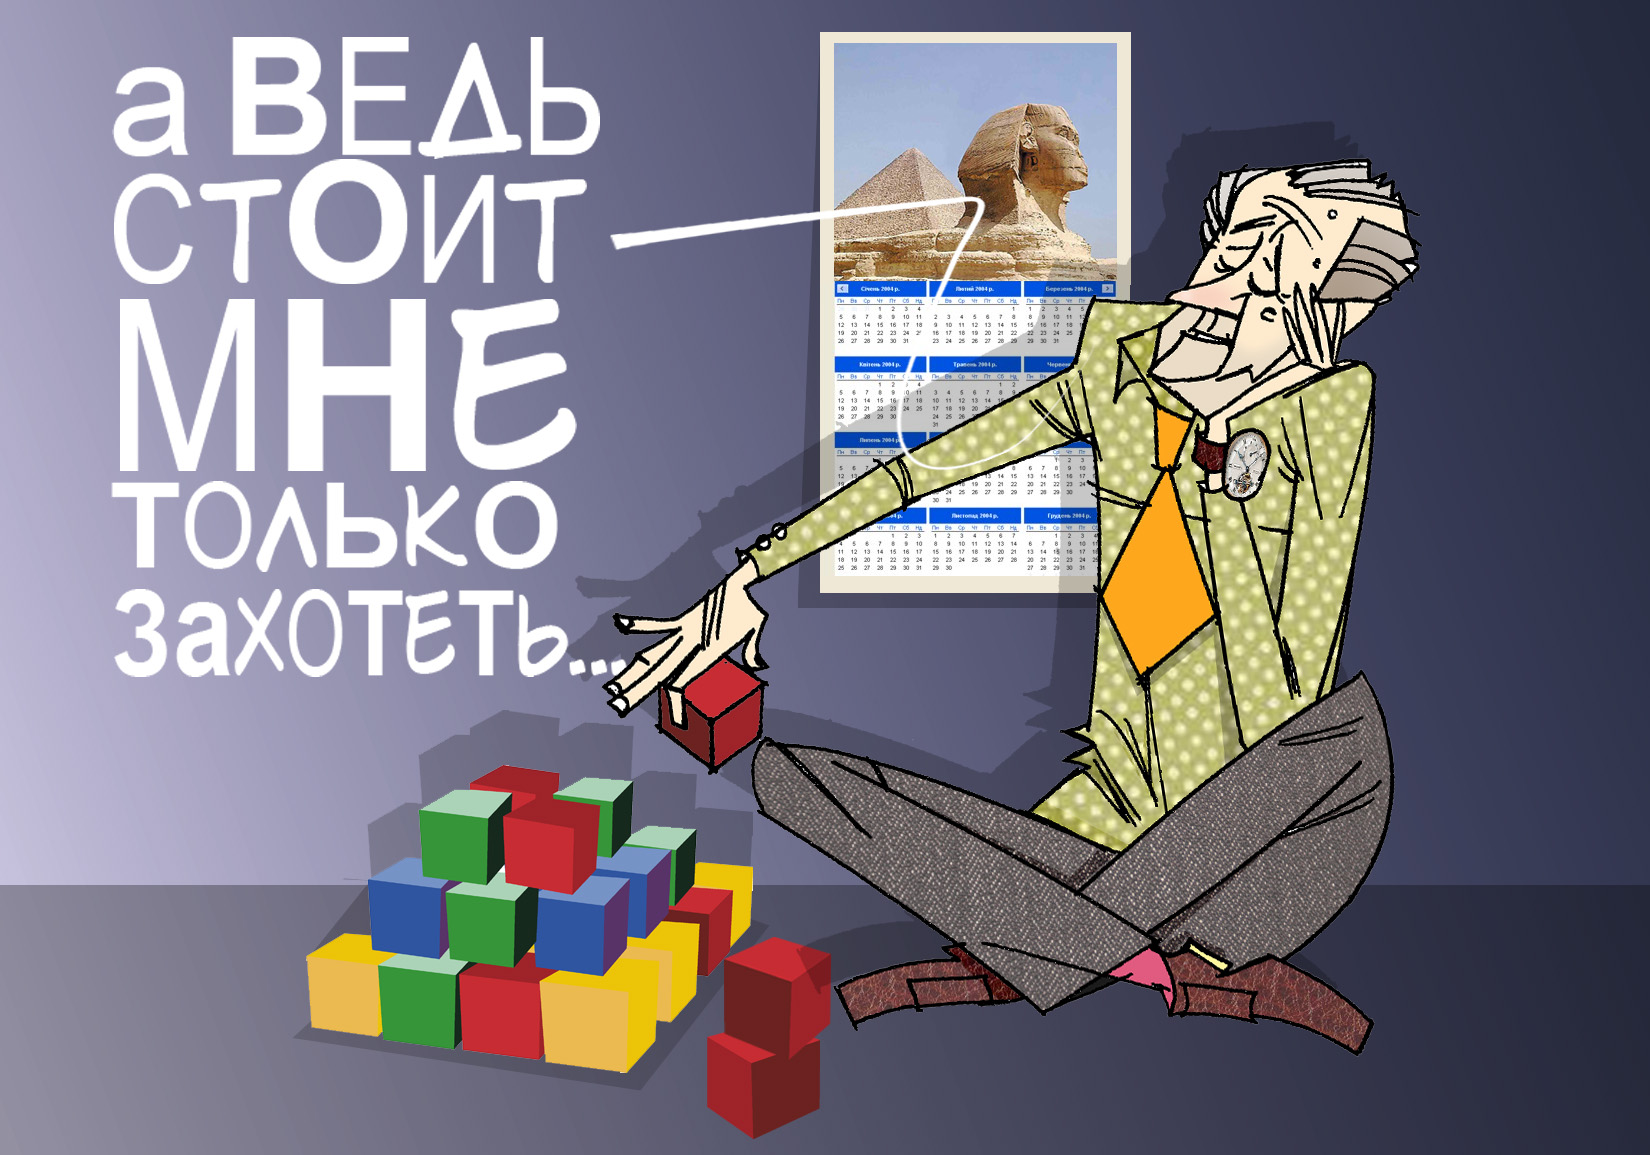 """Мечты сбываются. #ПрезидентУР #Волков © Газета """"День"""" 2013"""